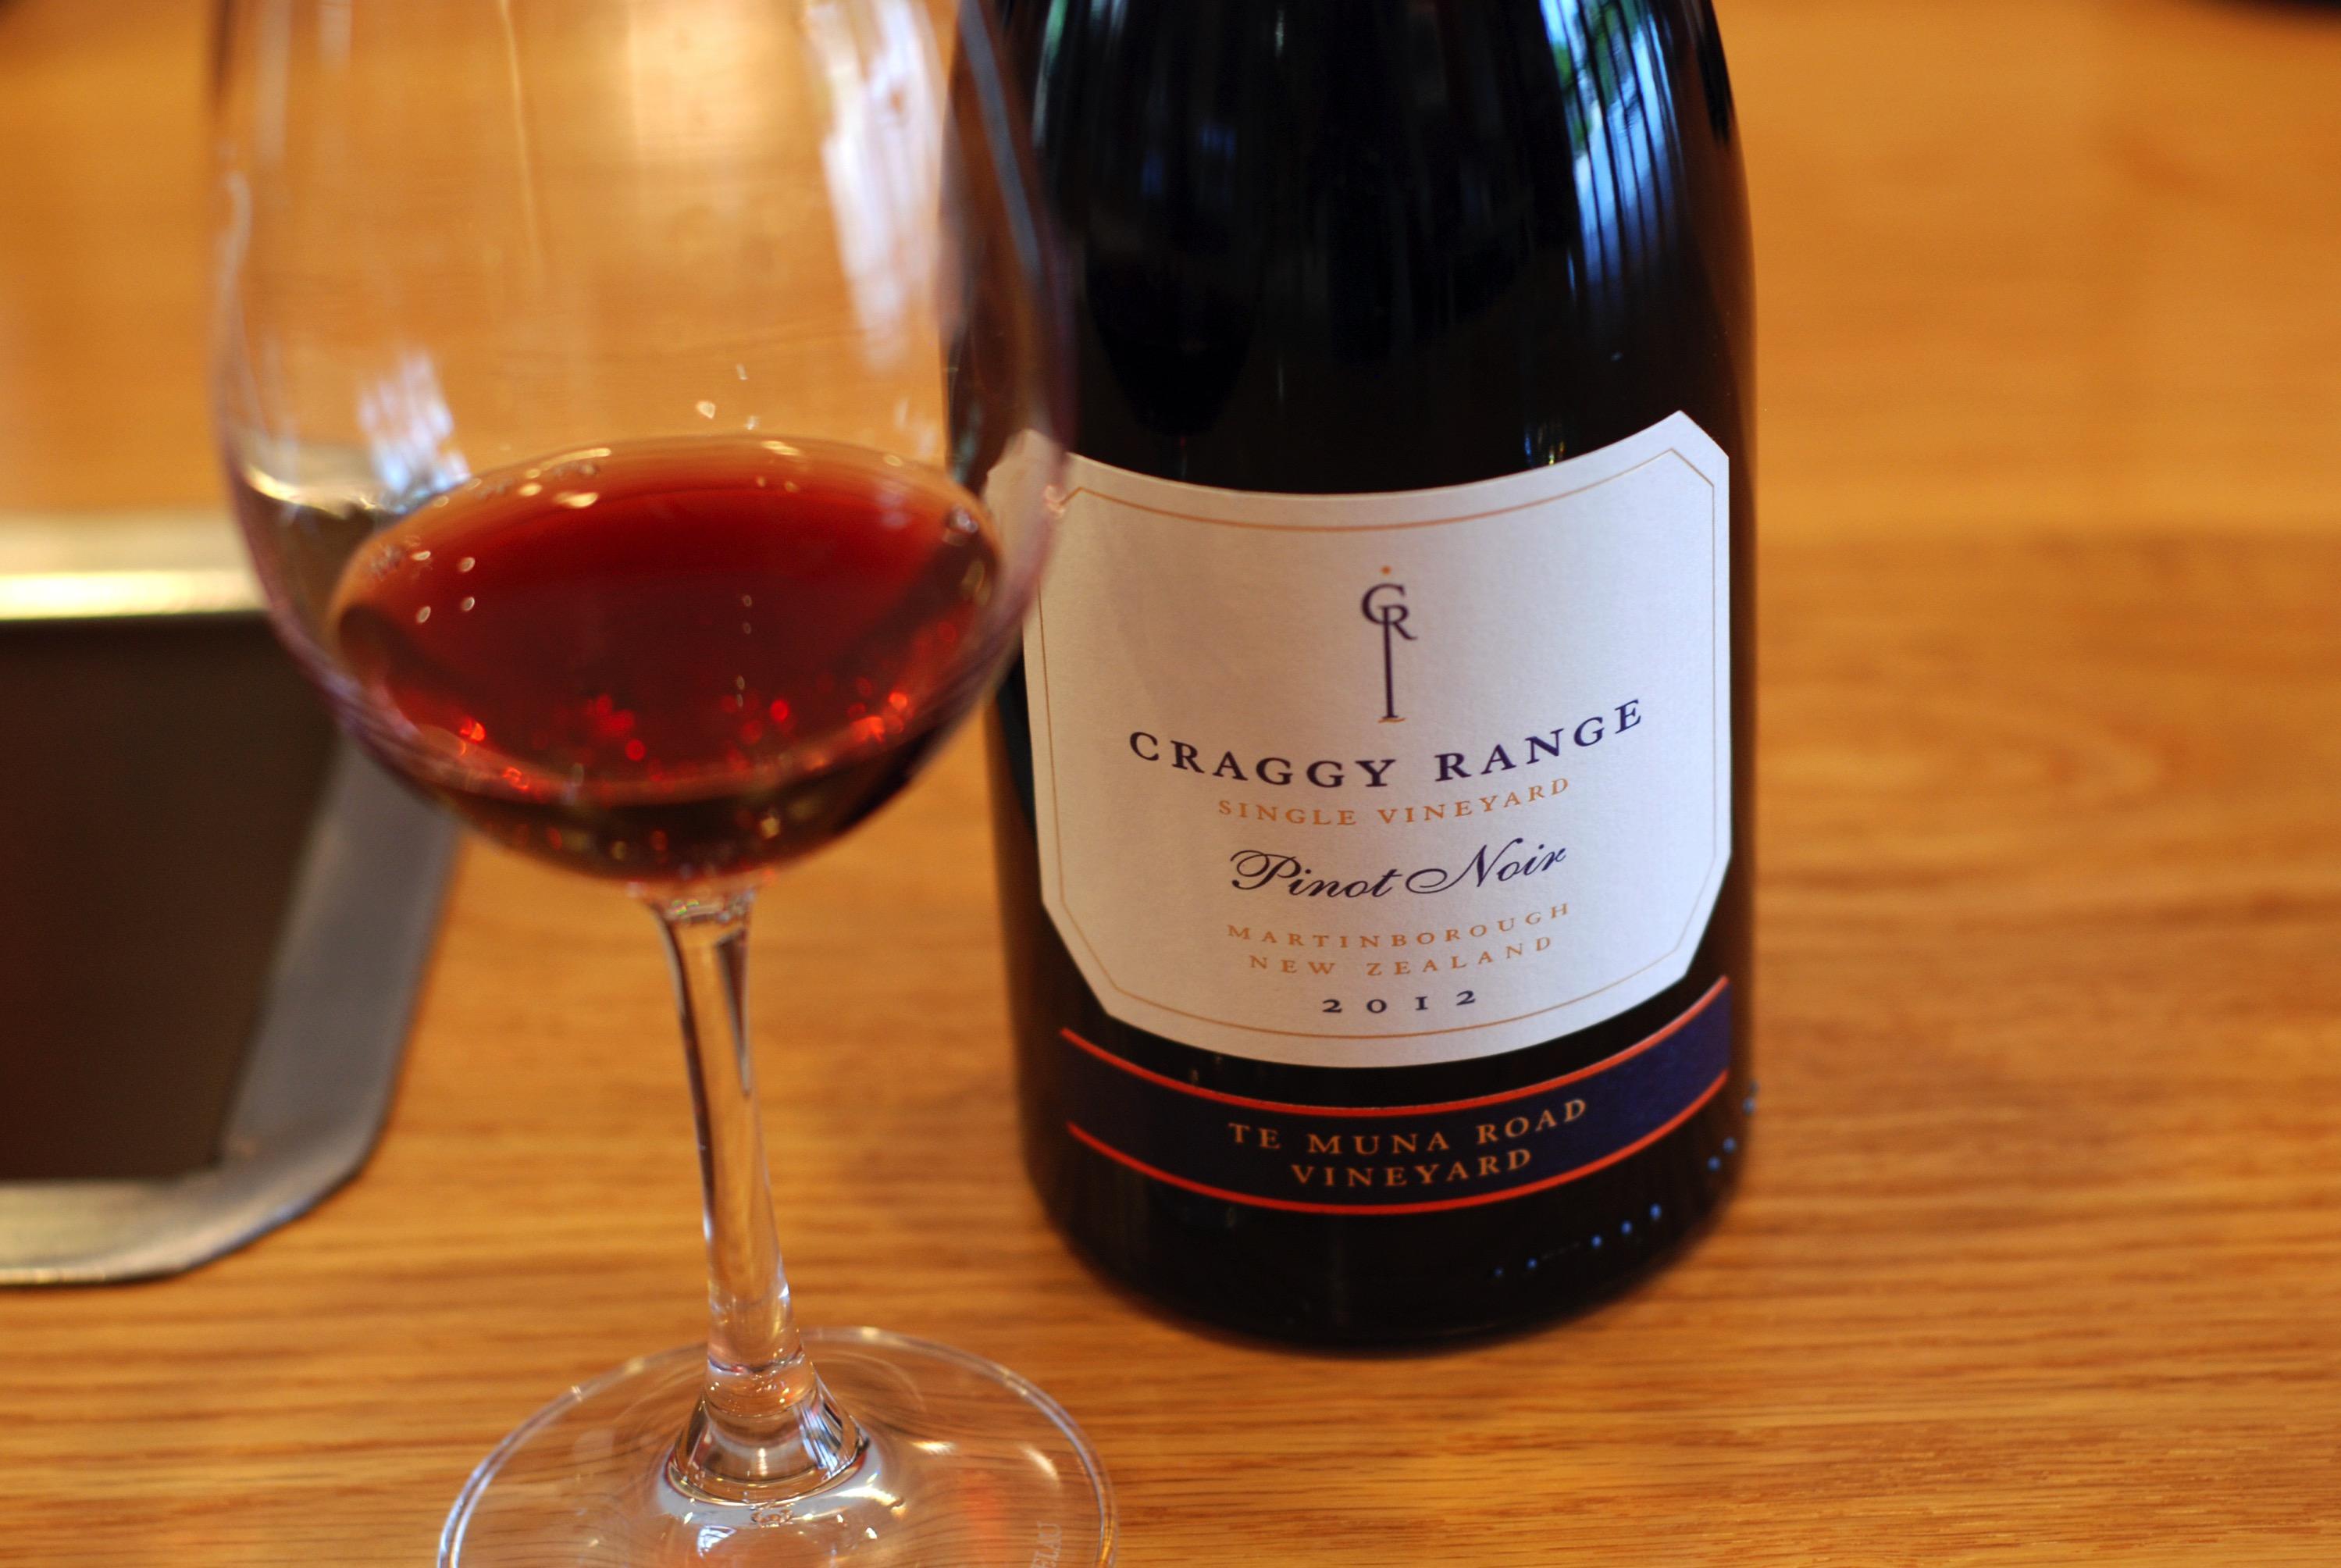 Craggy range wine napier 18